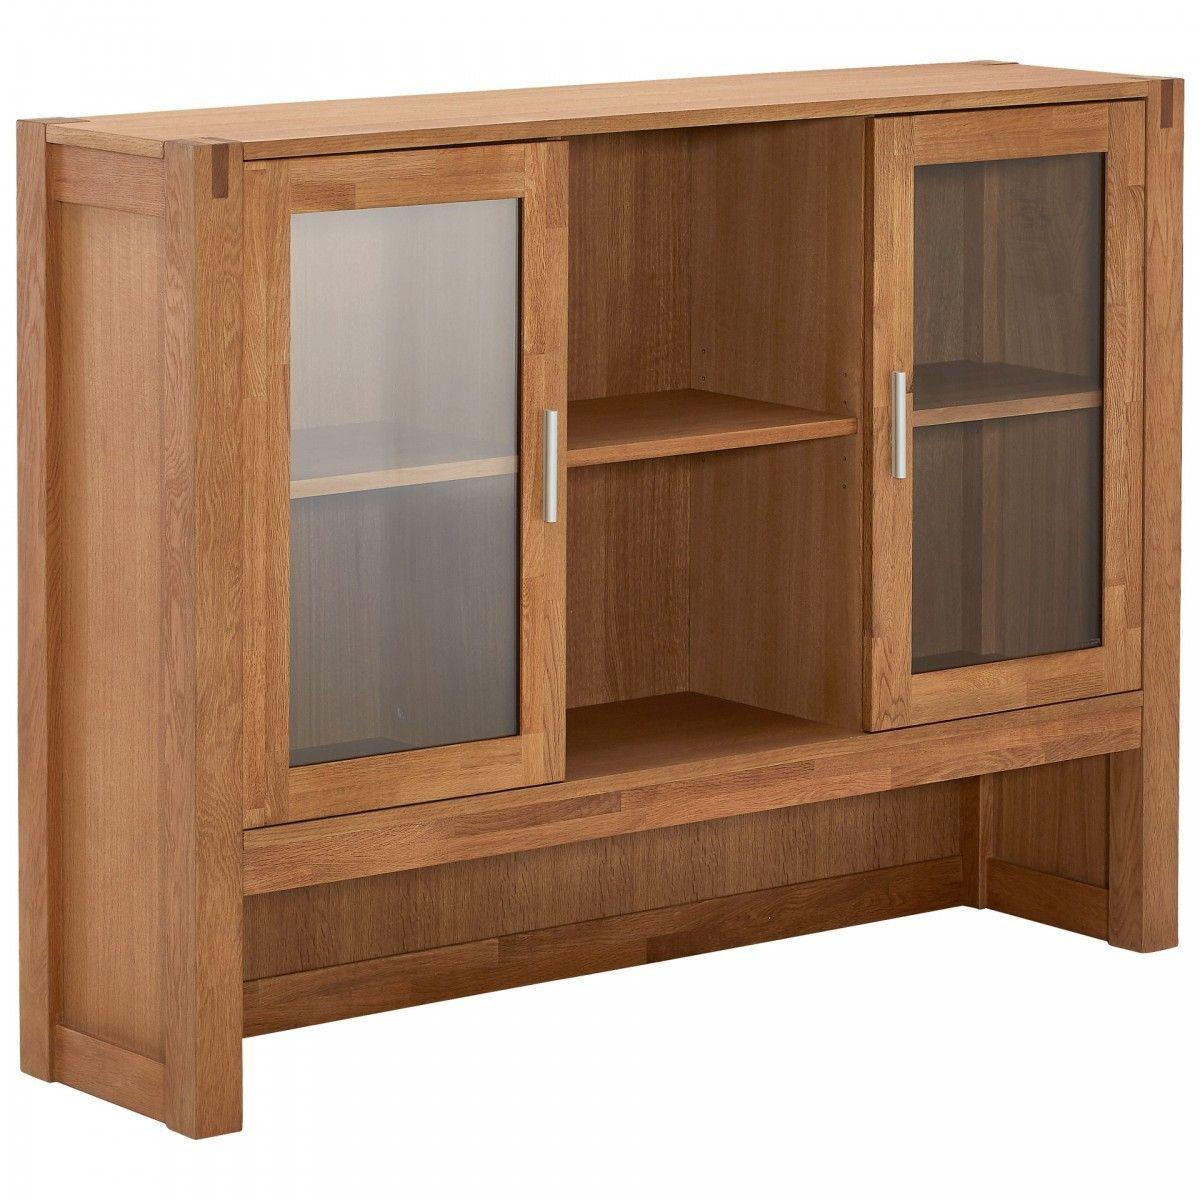 Altillo Royal Oak 2 Puertas Aceitado Jysk Bathroom Medicine Cabinet Home Decor Decor